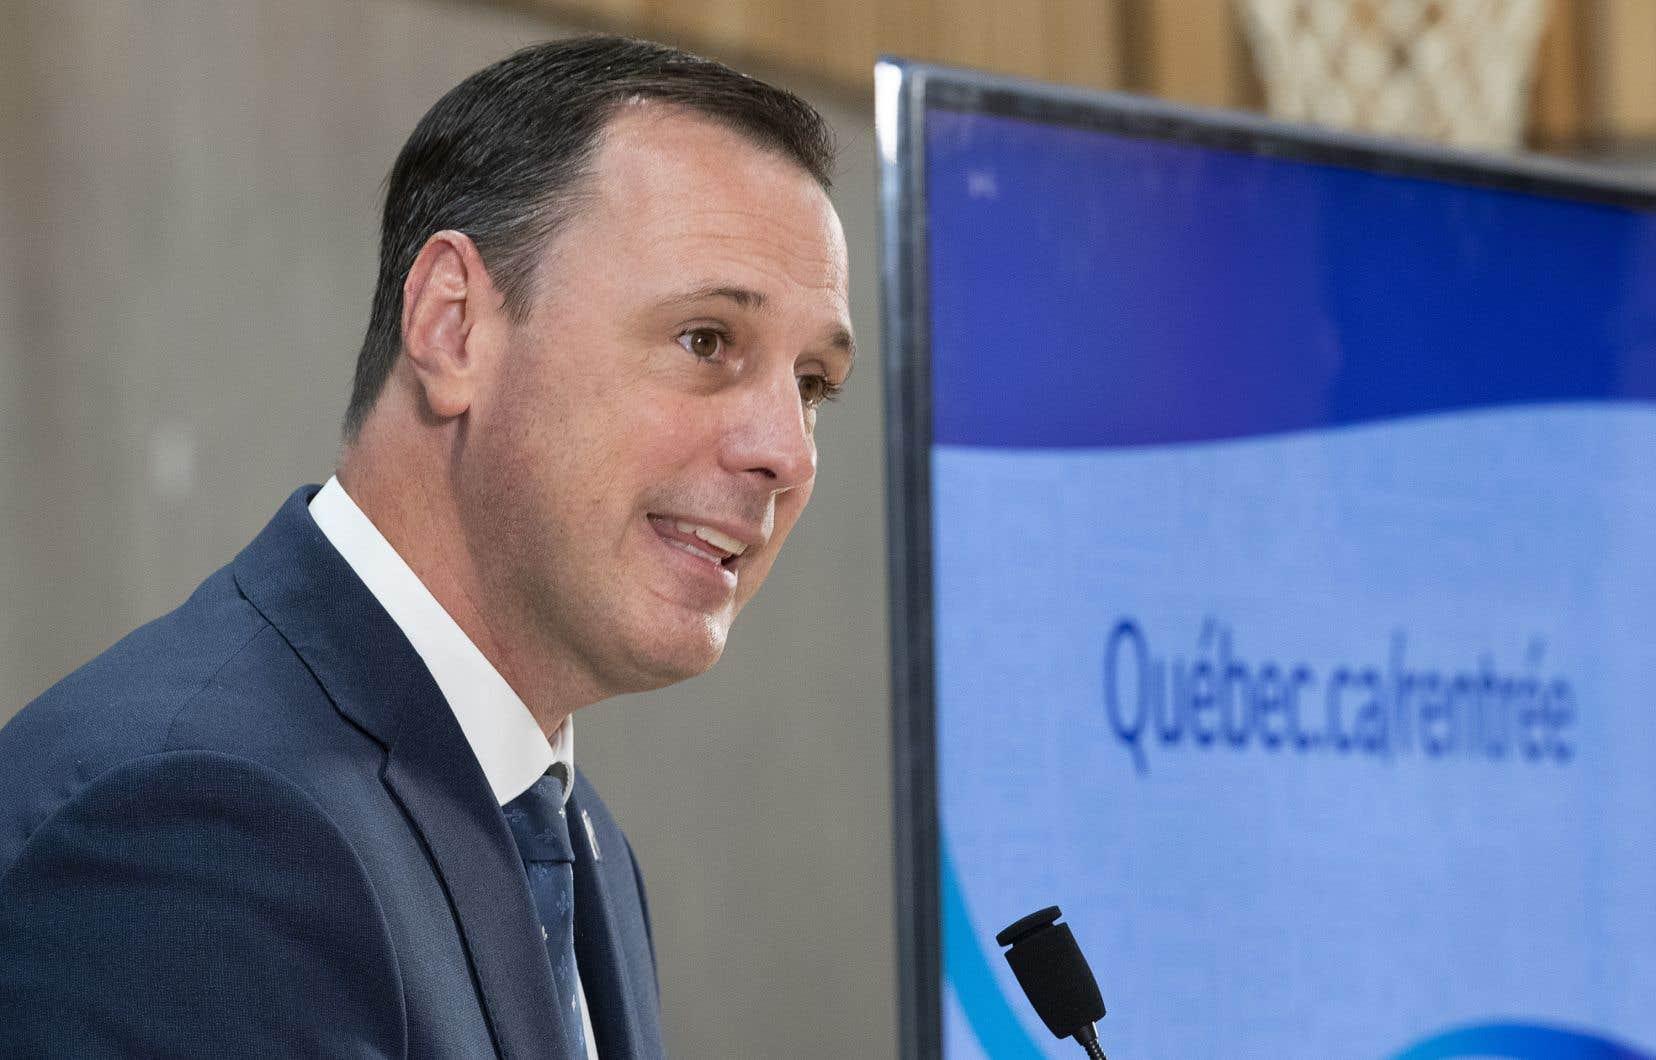 Des écoles secondaires ont aussi dû changer leurs horaires à la dernière minute après la précision apportée par le ministre de l'Éducation, Jean-François Roberge, au sujet des activités sportives et artistiques.